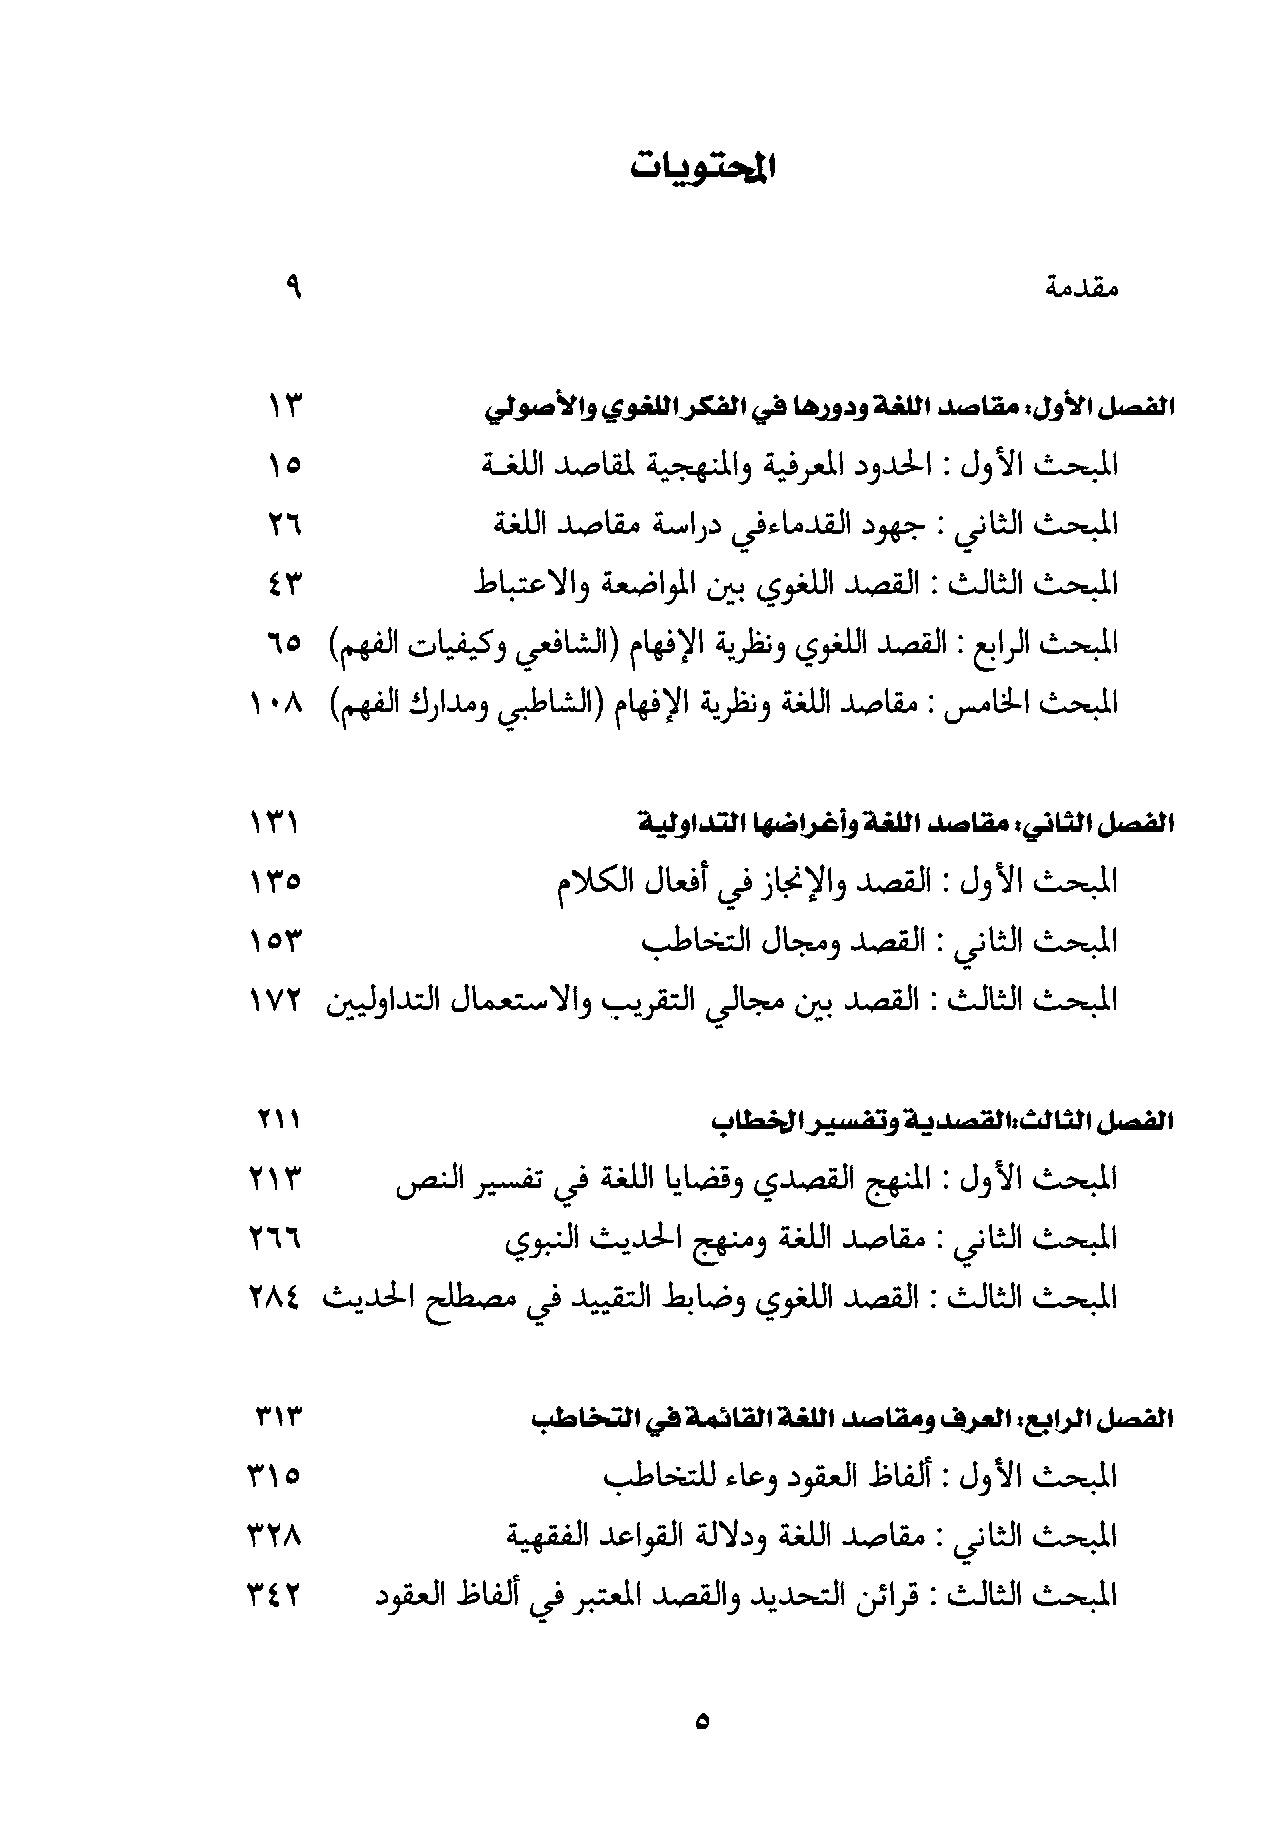 ص 5 محتويات كتاب مقاصد اللغة